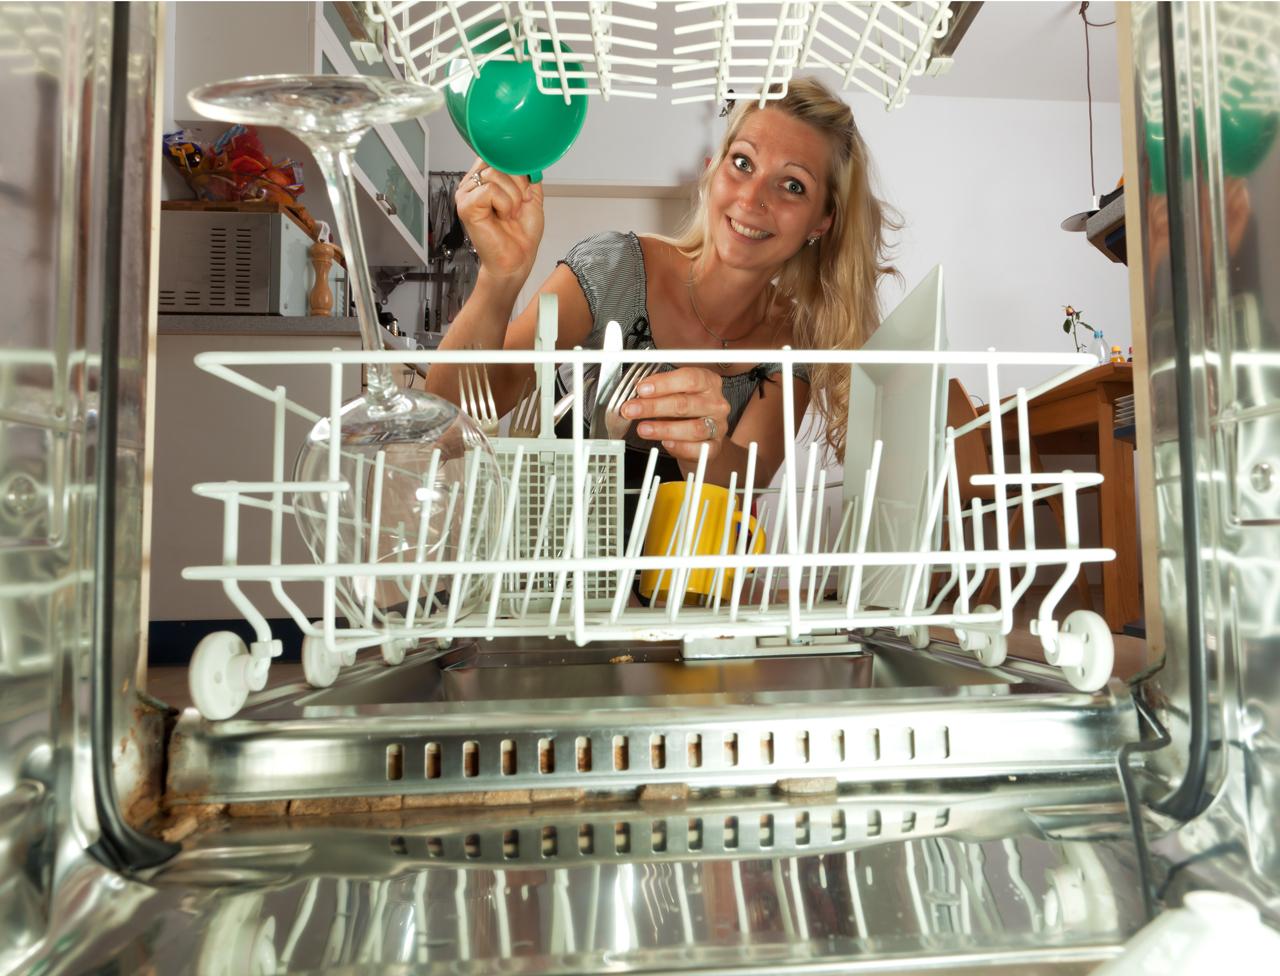 Comment laver son lave vaisselle - Bien choisir son lave vaisselle ...